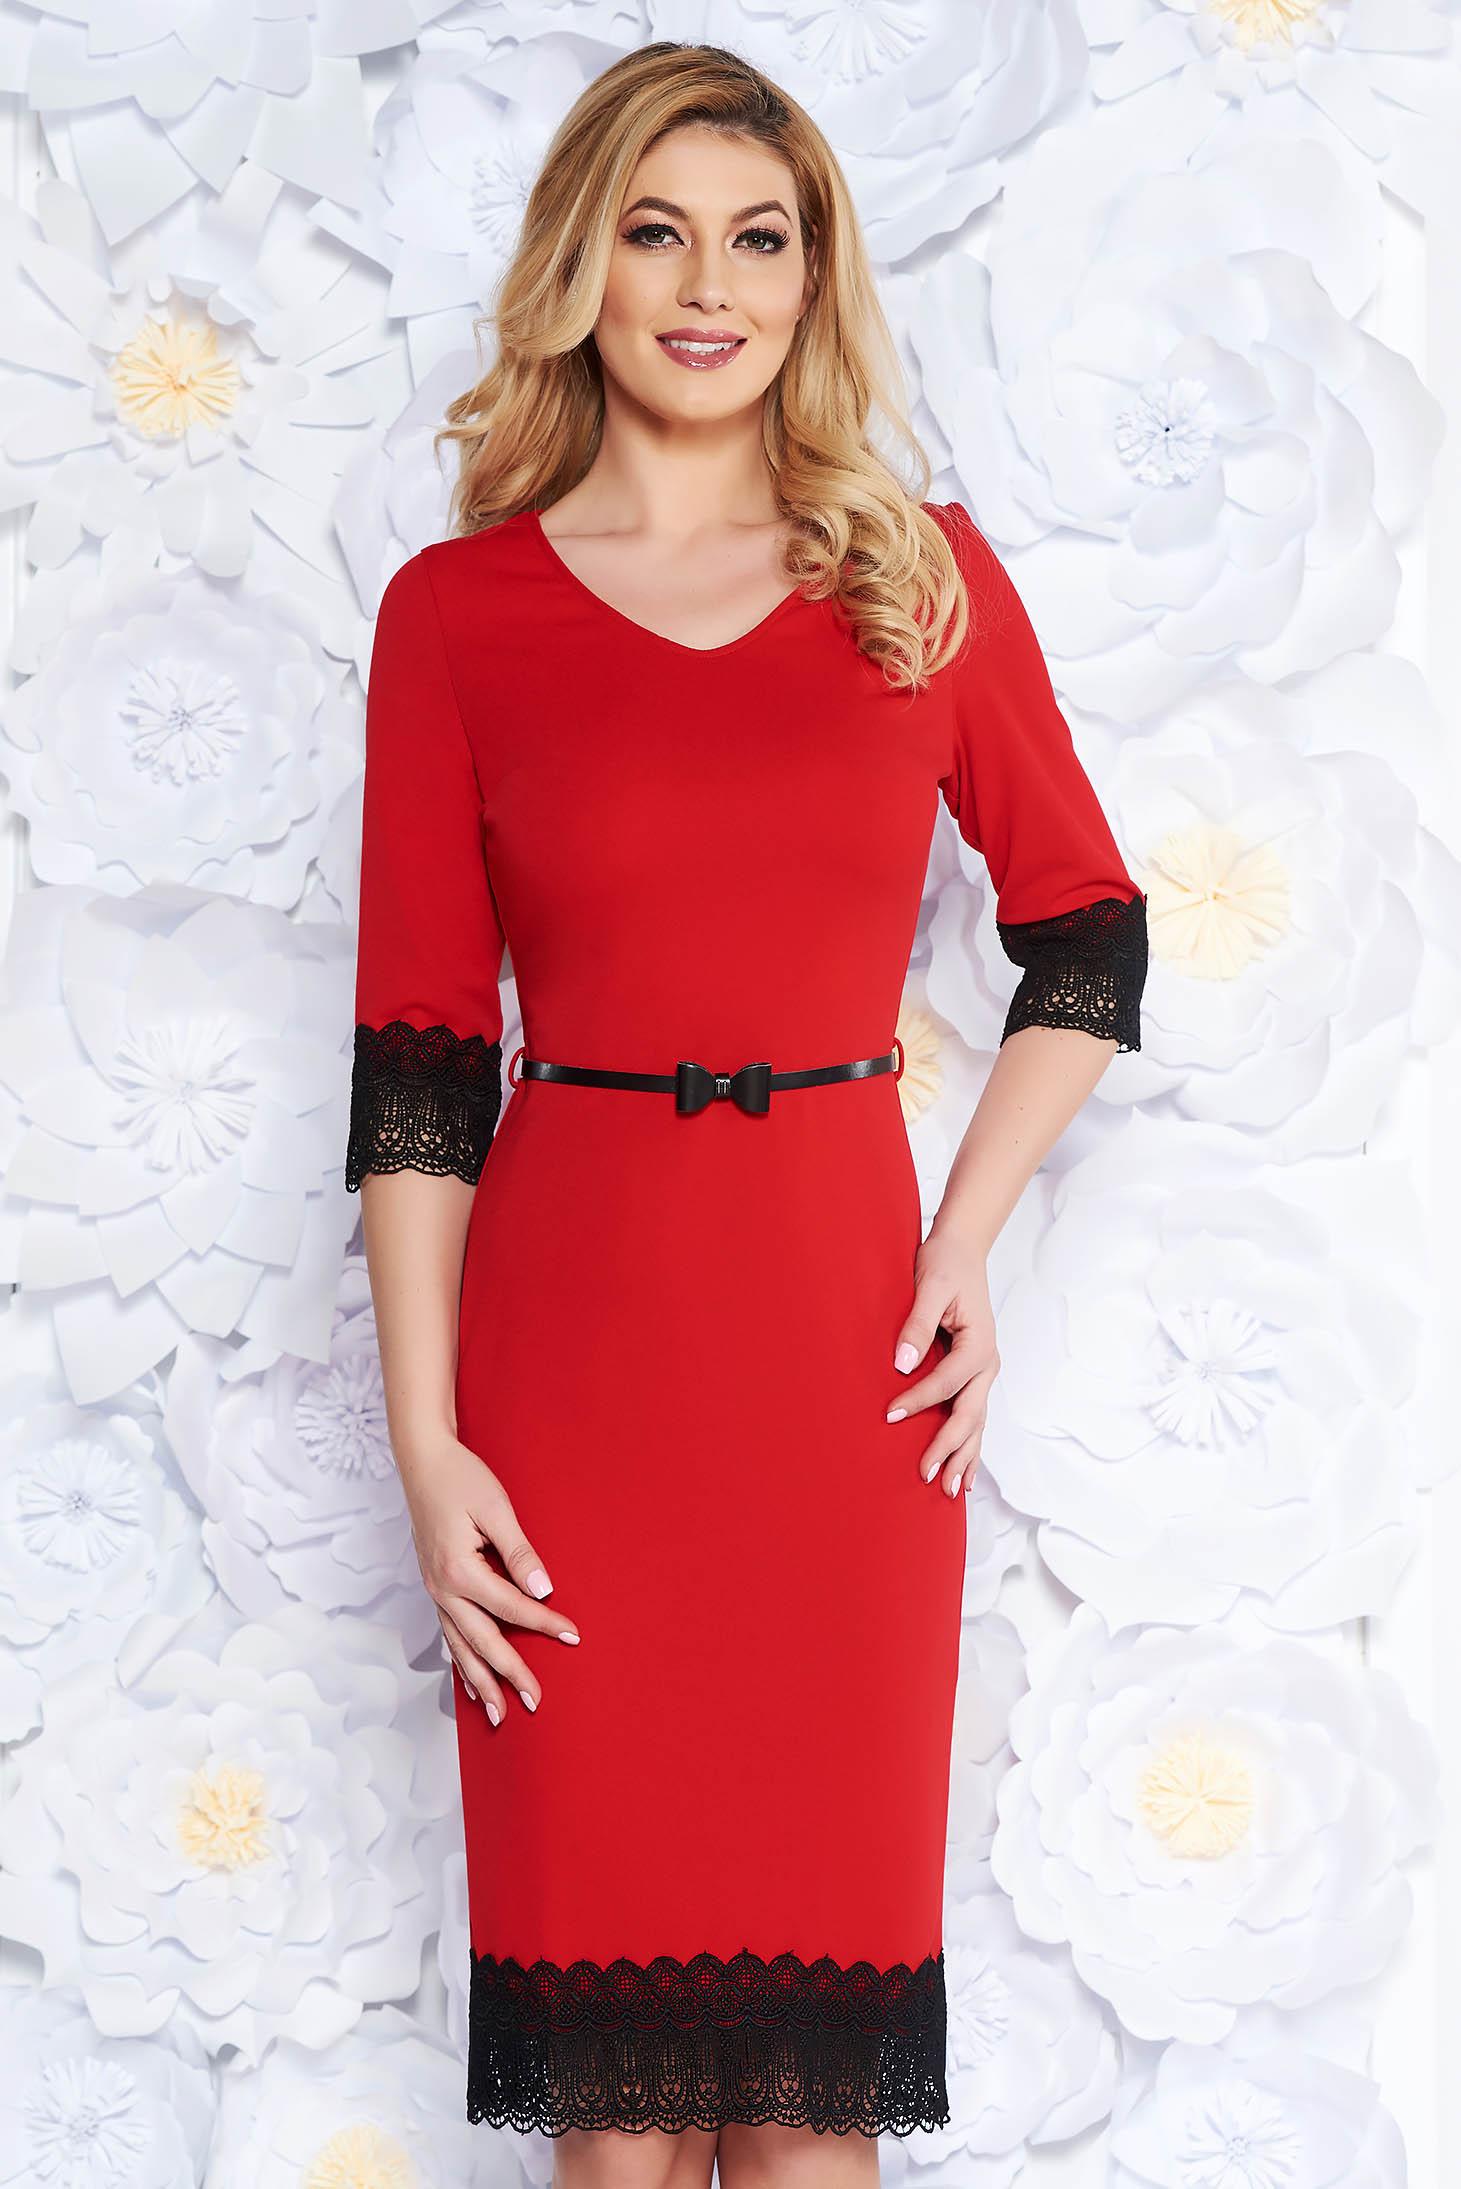 Piros elegáns ceruza ruha rugalmas anyag csipke díszítéssel öv típusú  kiegészítővel 668696e18a